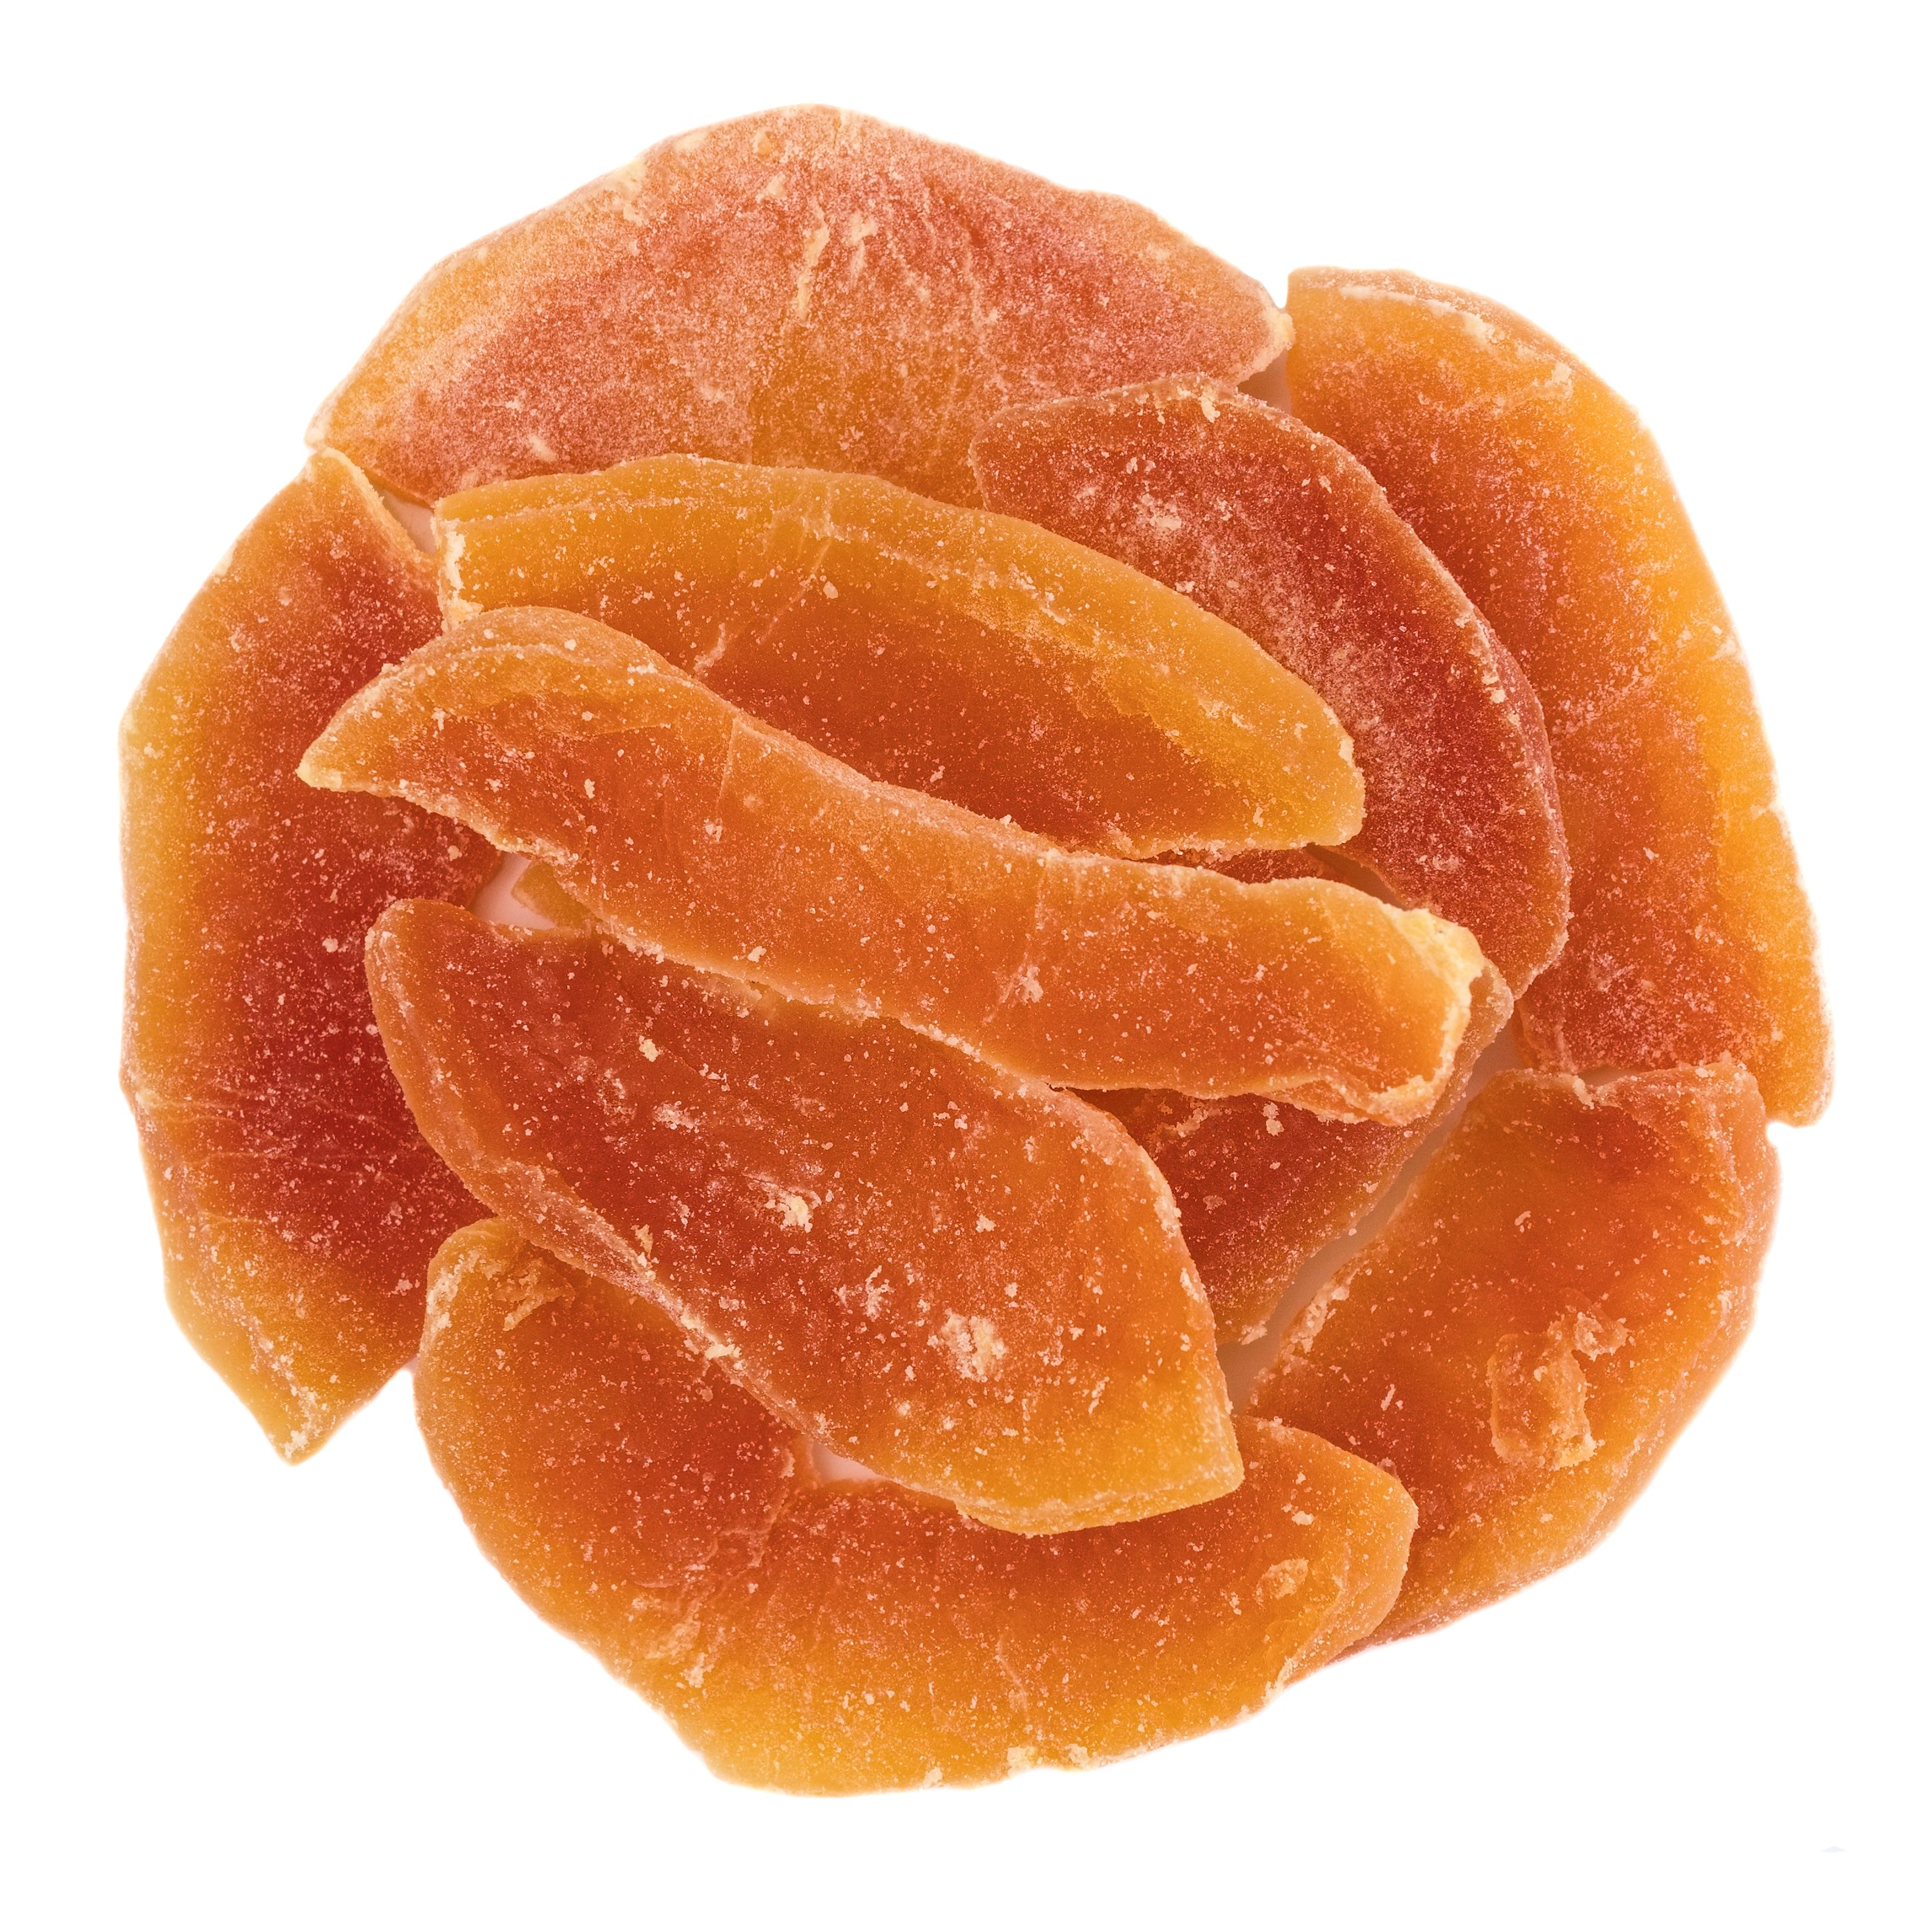 Levně NUTSMAN Papaya plátky, proslazované Množství: 1000 g - nejvyšší kvalita zaručena